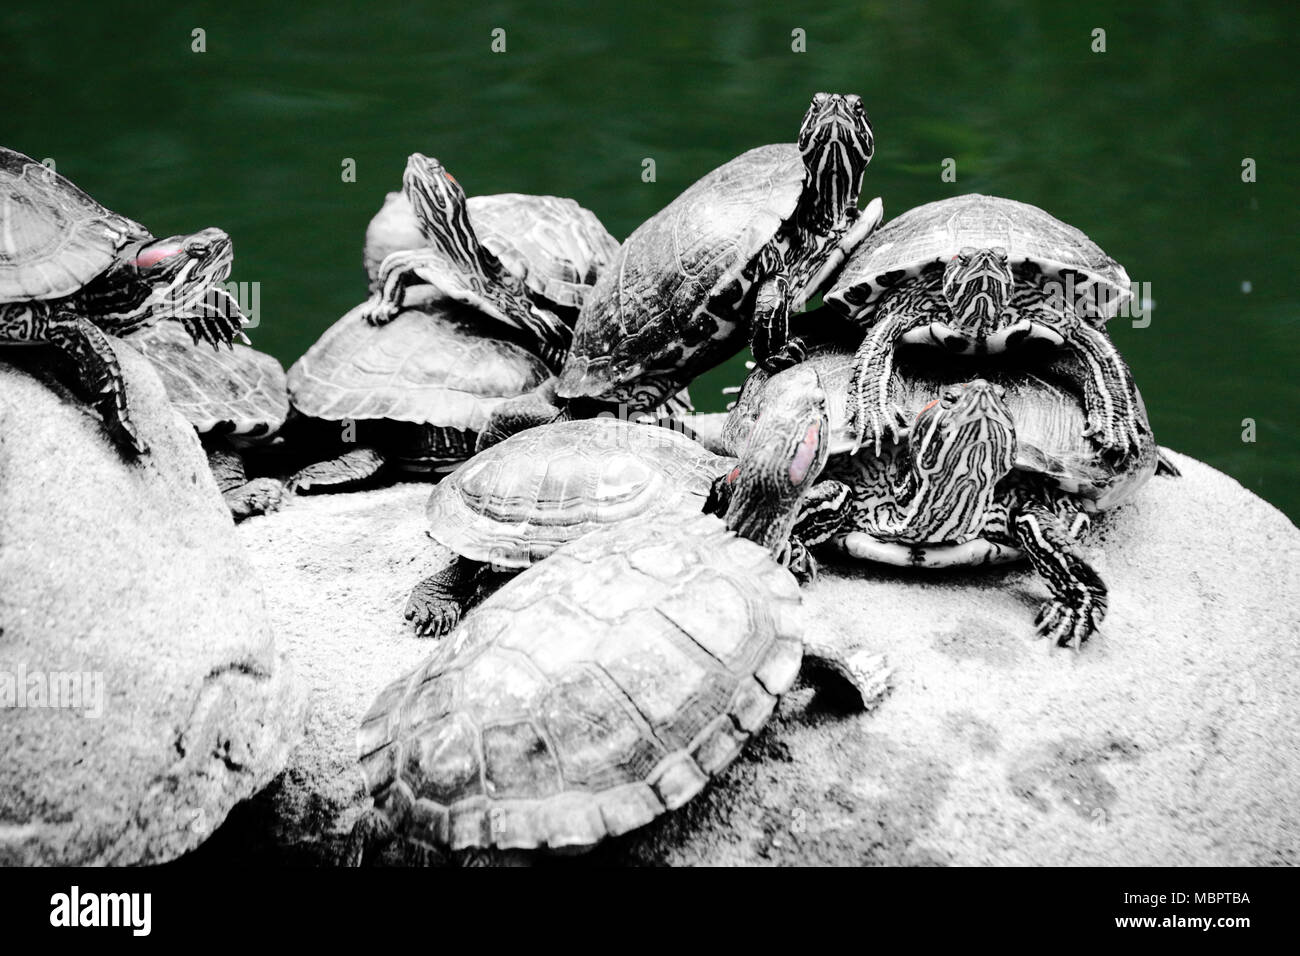 Turtles on a rock at the Hong Kong Park, Hong Kong, SAR of China - Stock Image